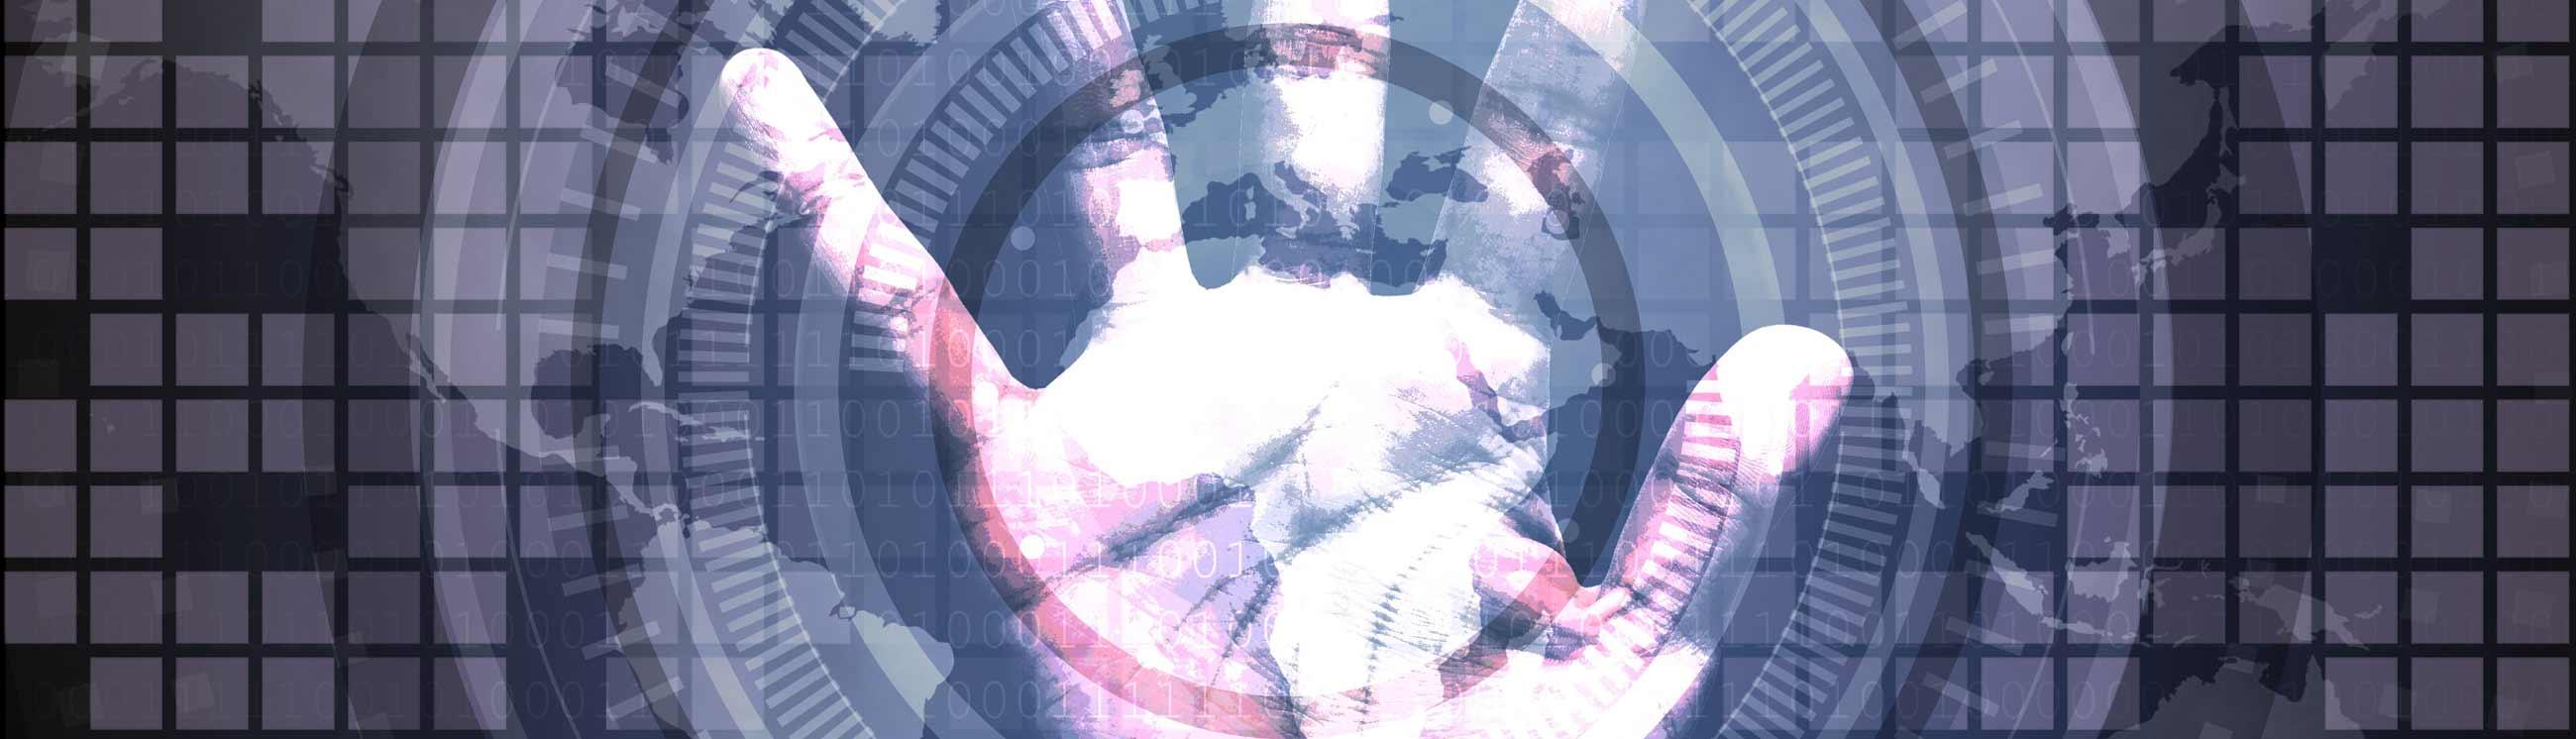 Certificación de delitos digitales